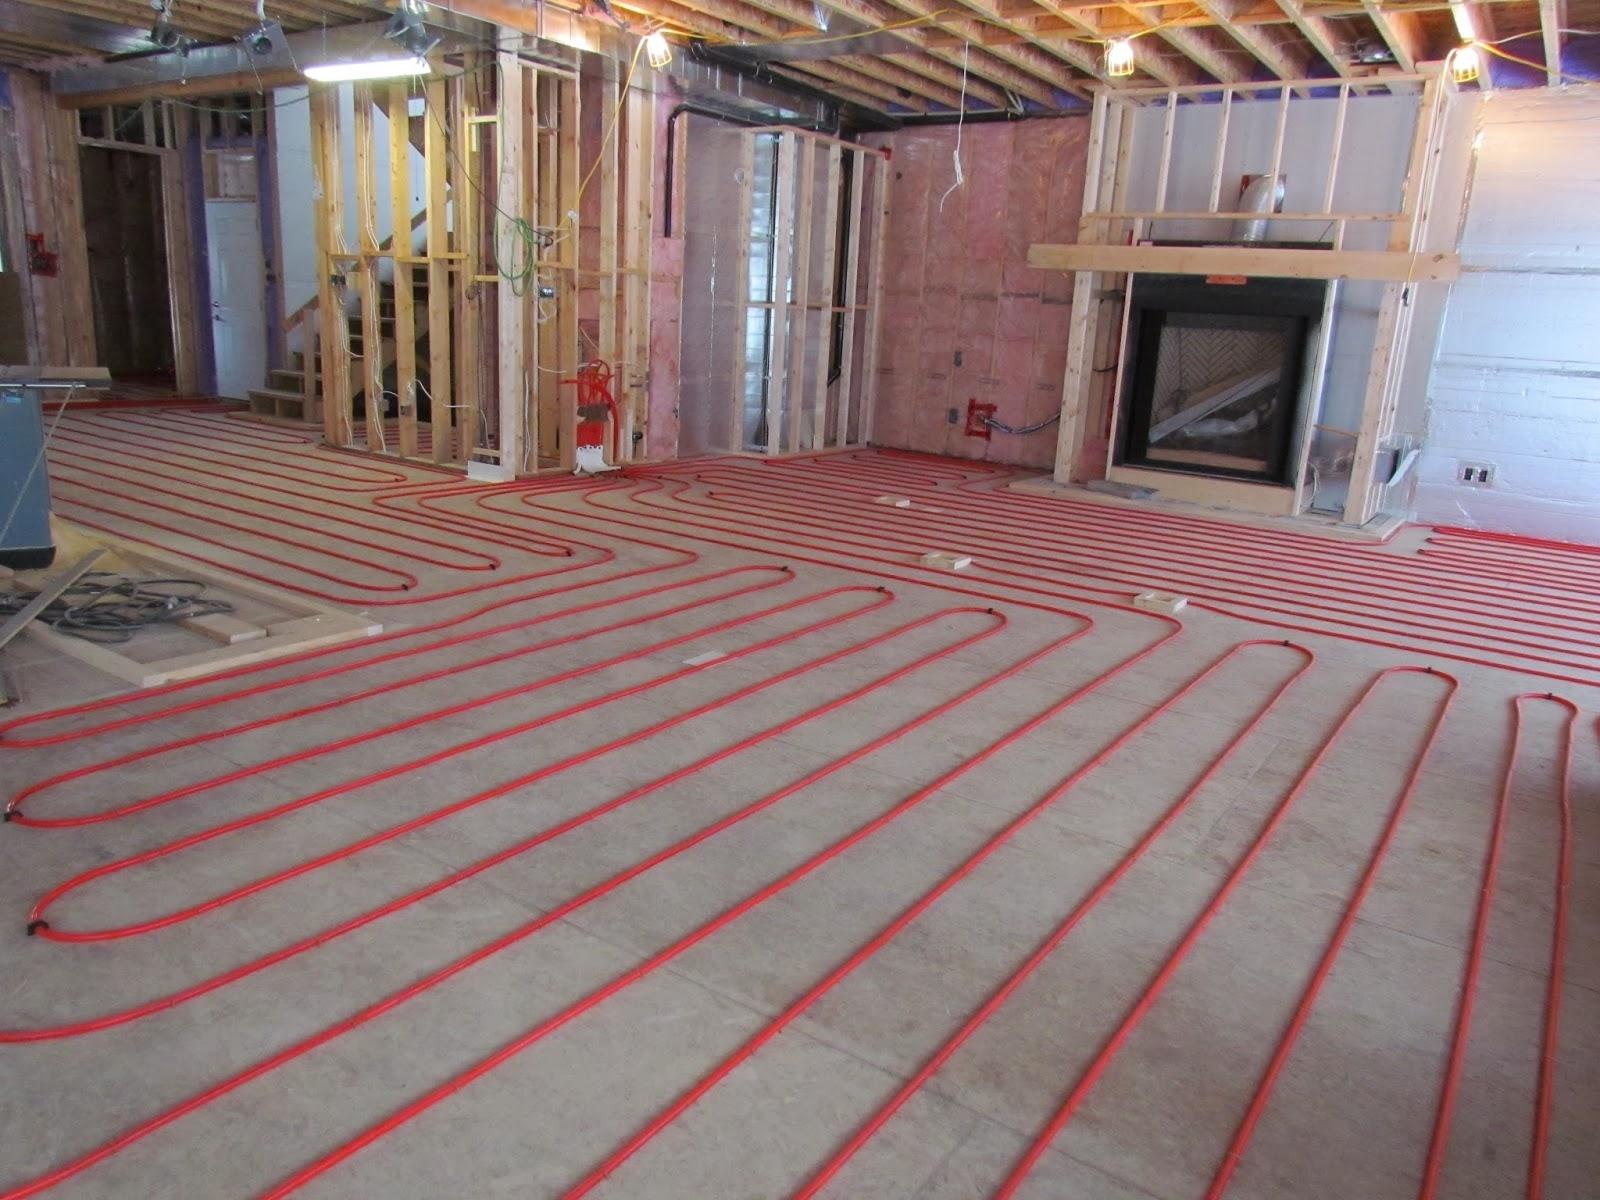 Basement Floor Heating Under Tile